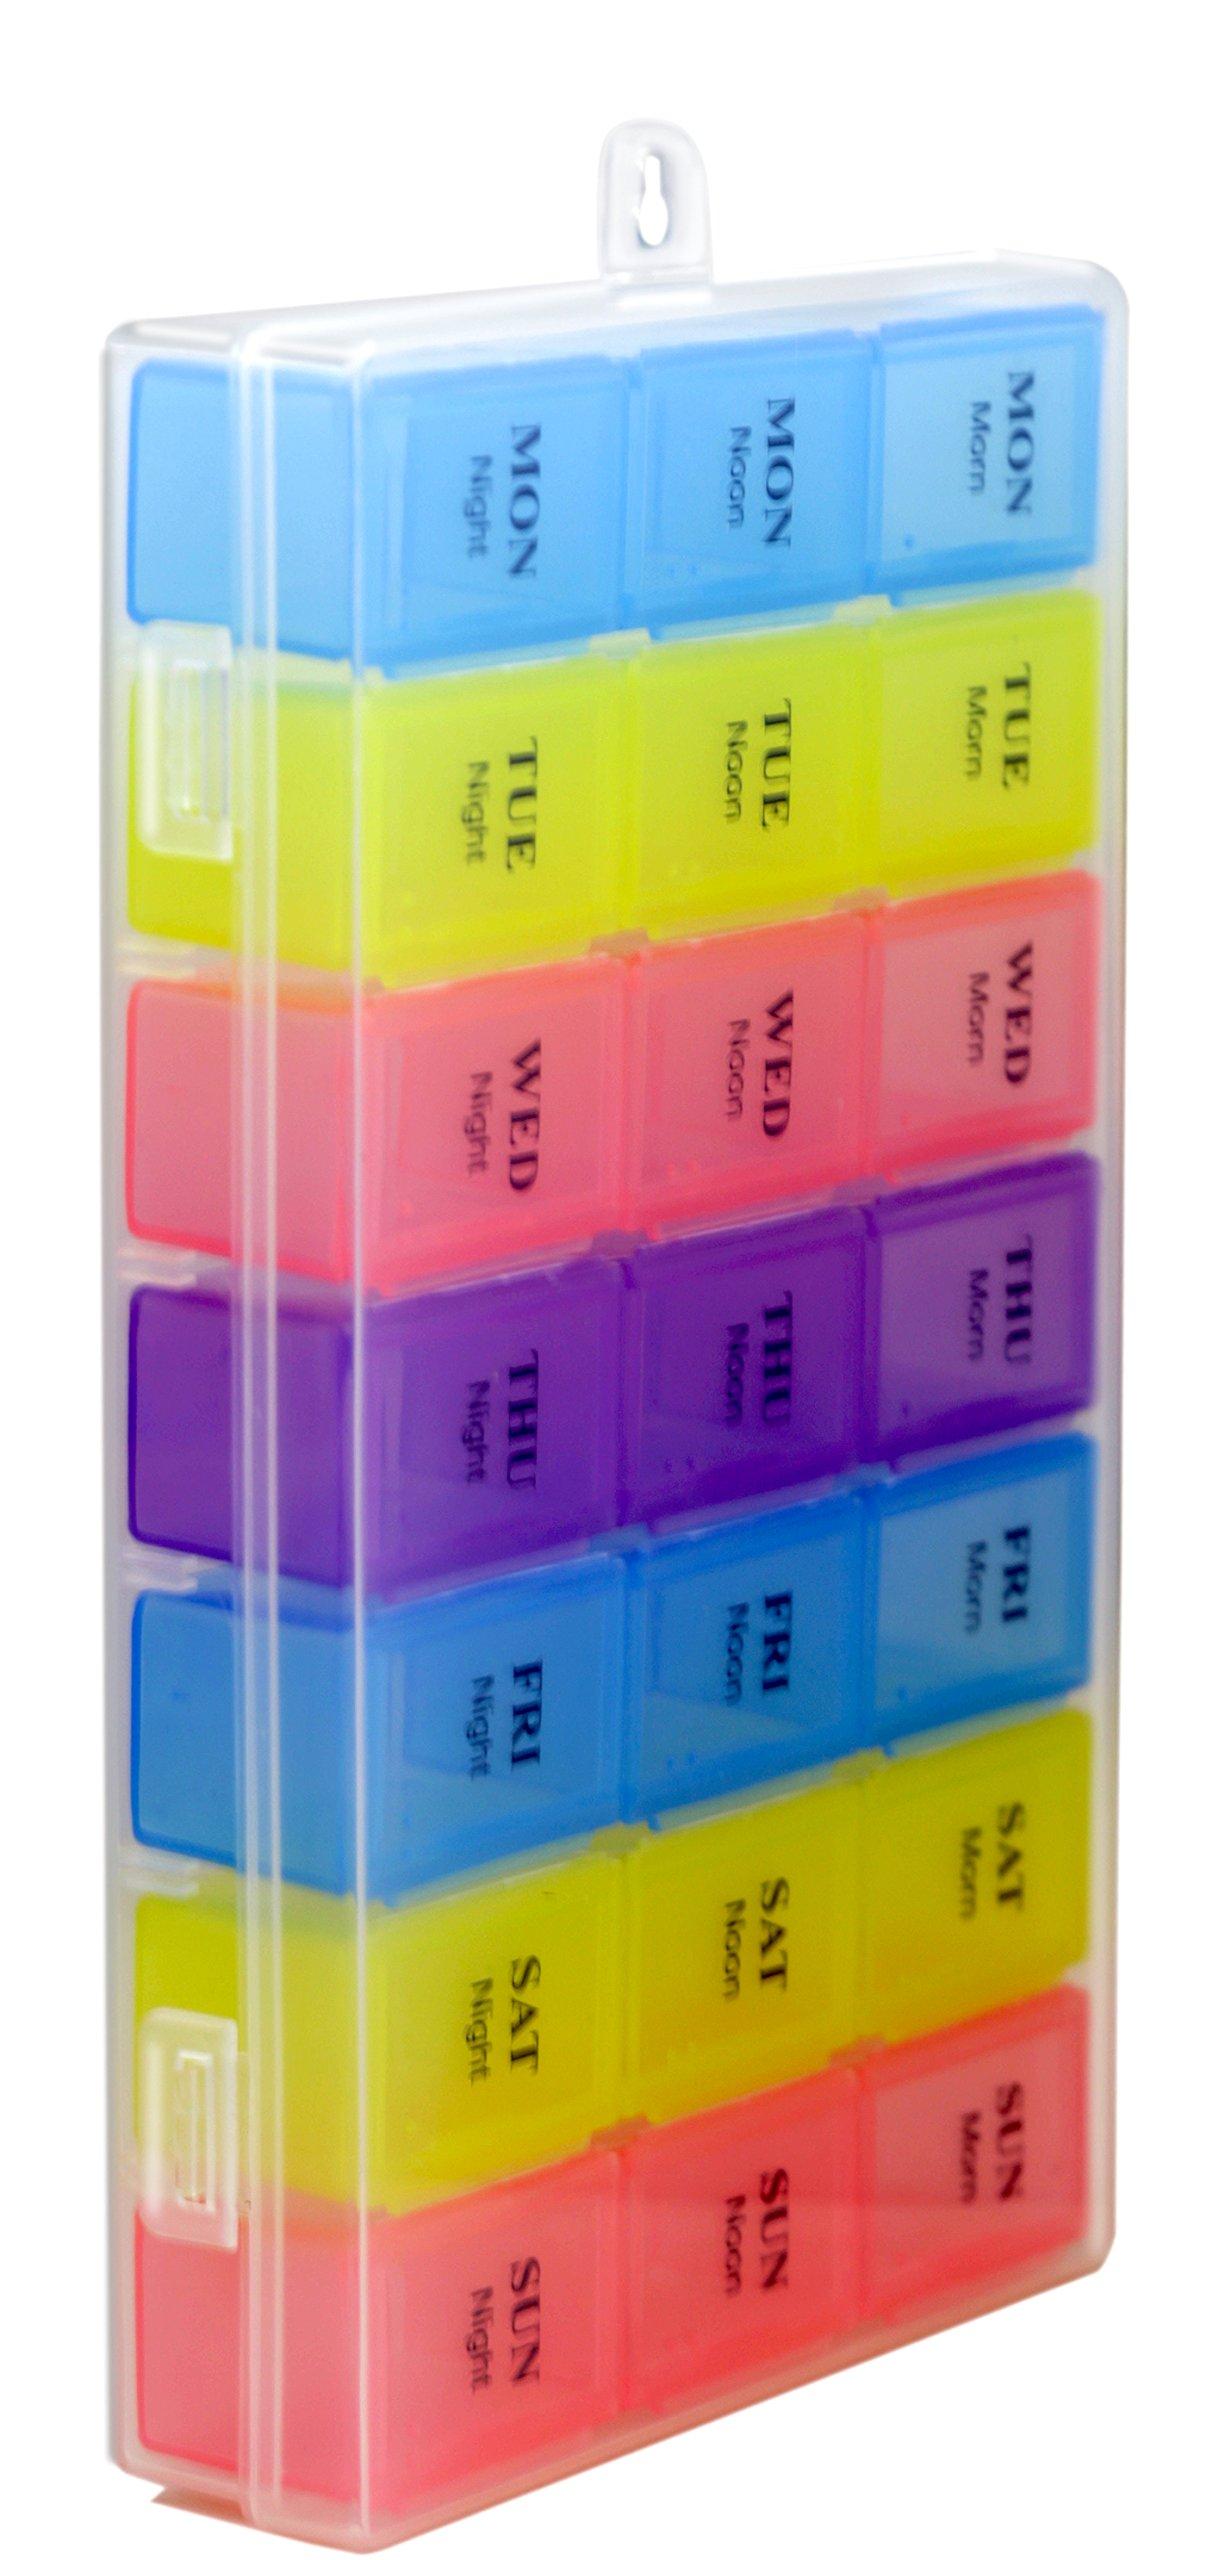 CoCo Island Pill Organizer, Medicine, Vitamin Organizer, 4 Colored, 7 Day AM/PM, 21 Compartment